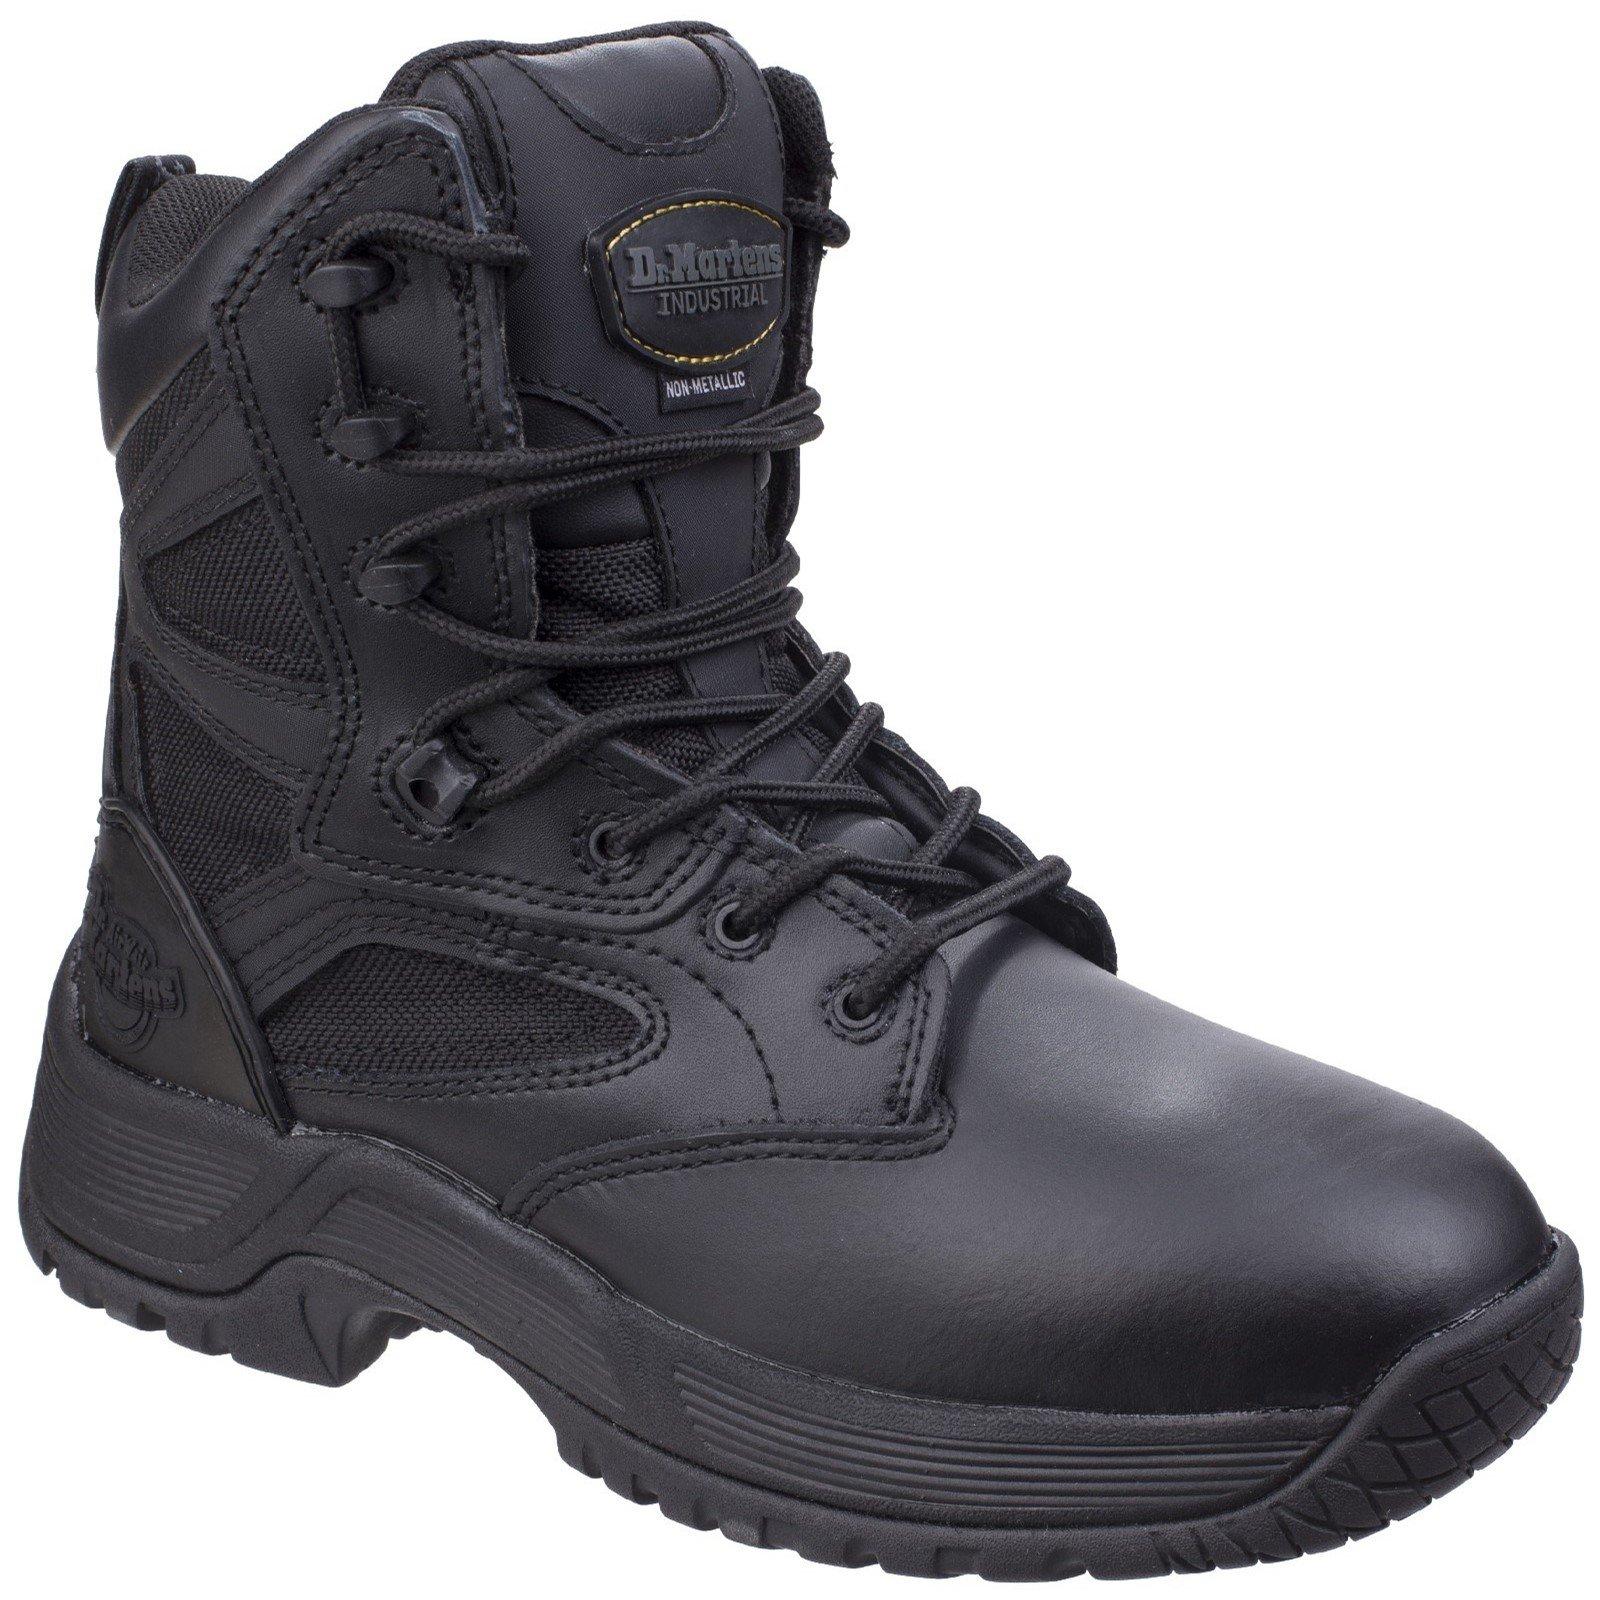 Dr Martens Unisex Skelton Service Boot Black 26028 - Black 11